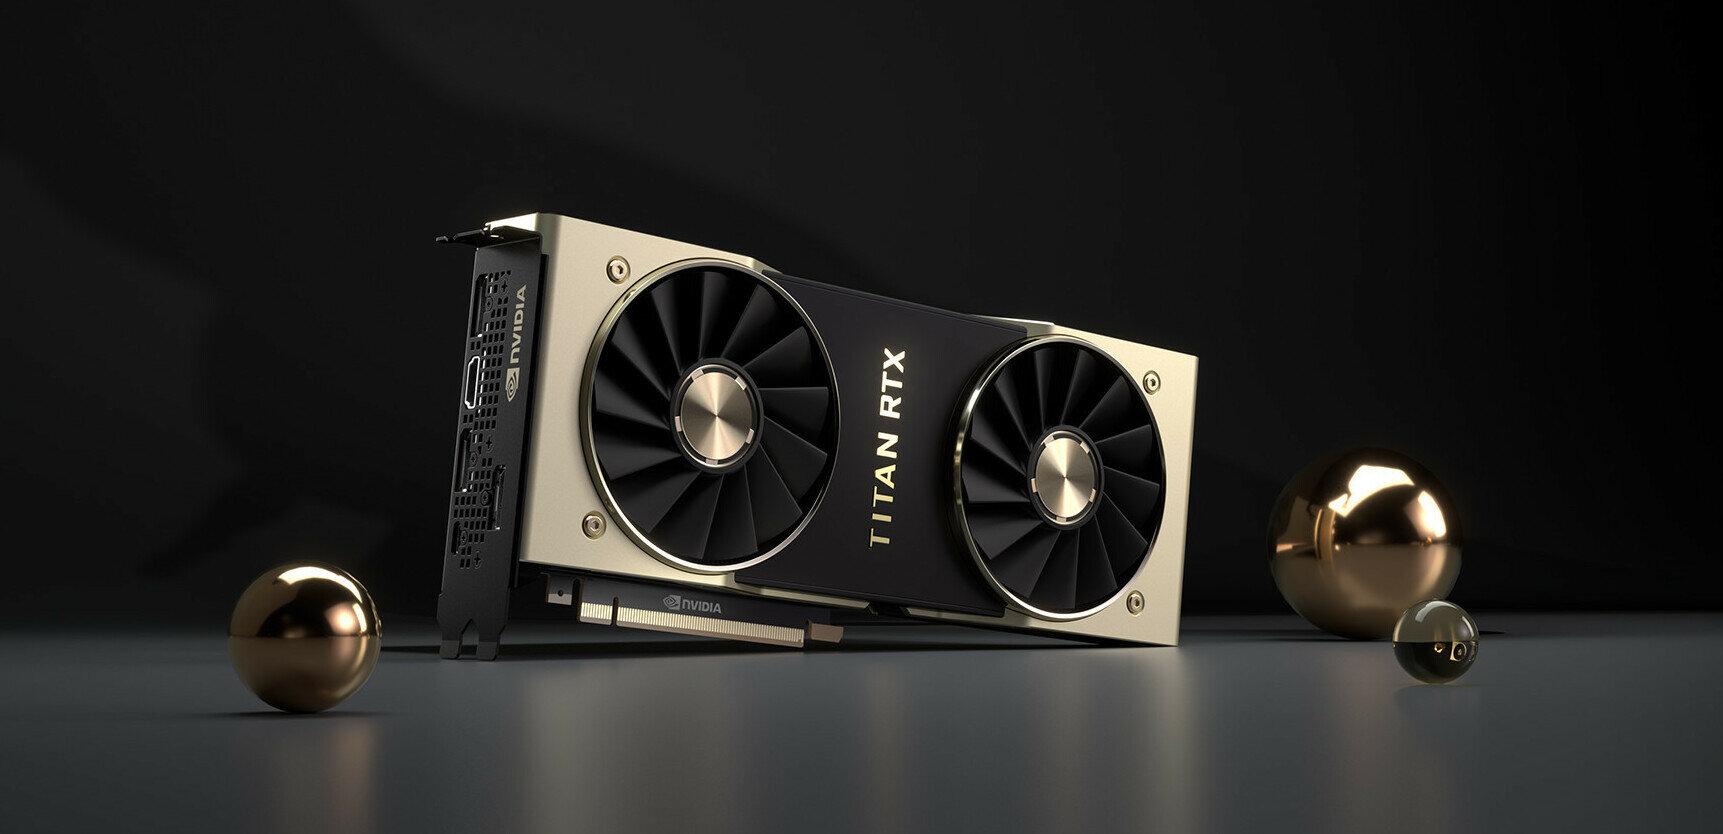 Arnold 5.3 gère les GeForce RTX, NVIDIA publie son premier Creator Ready Driver